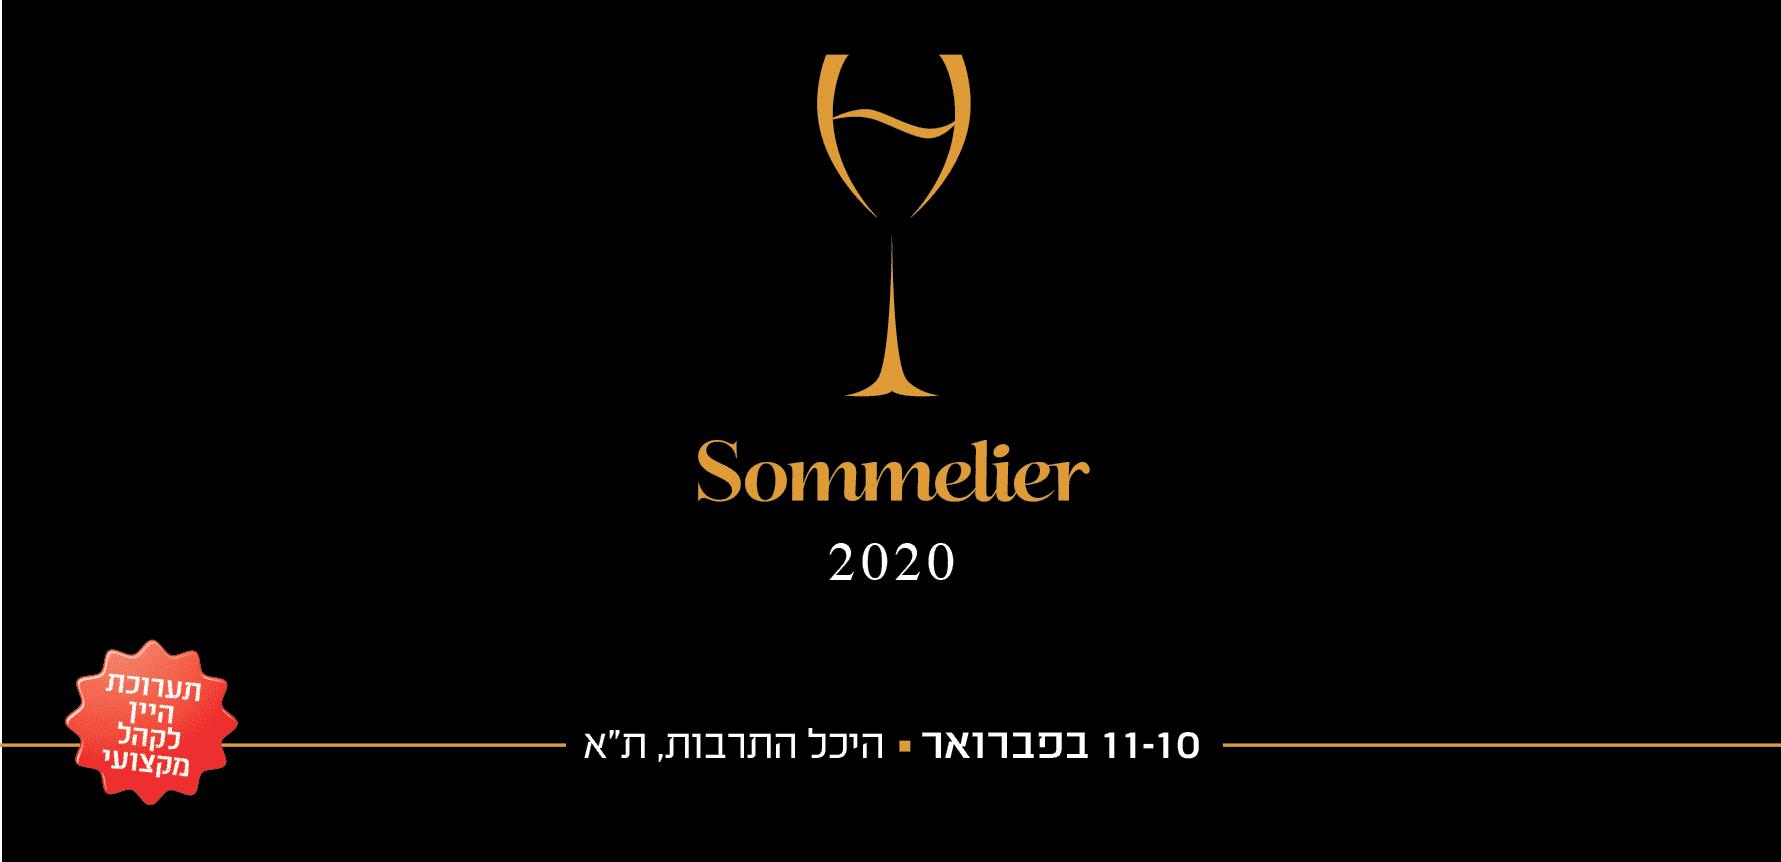 SOMMELIER 2020